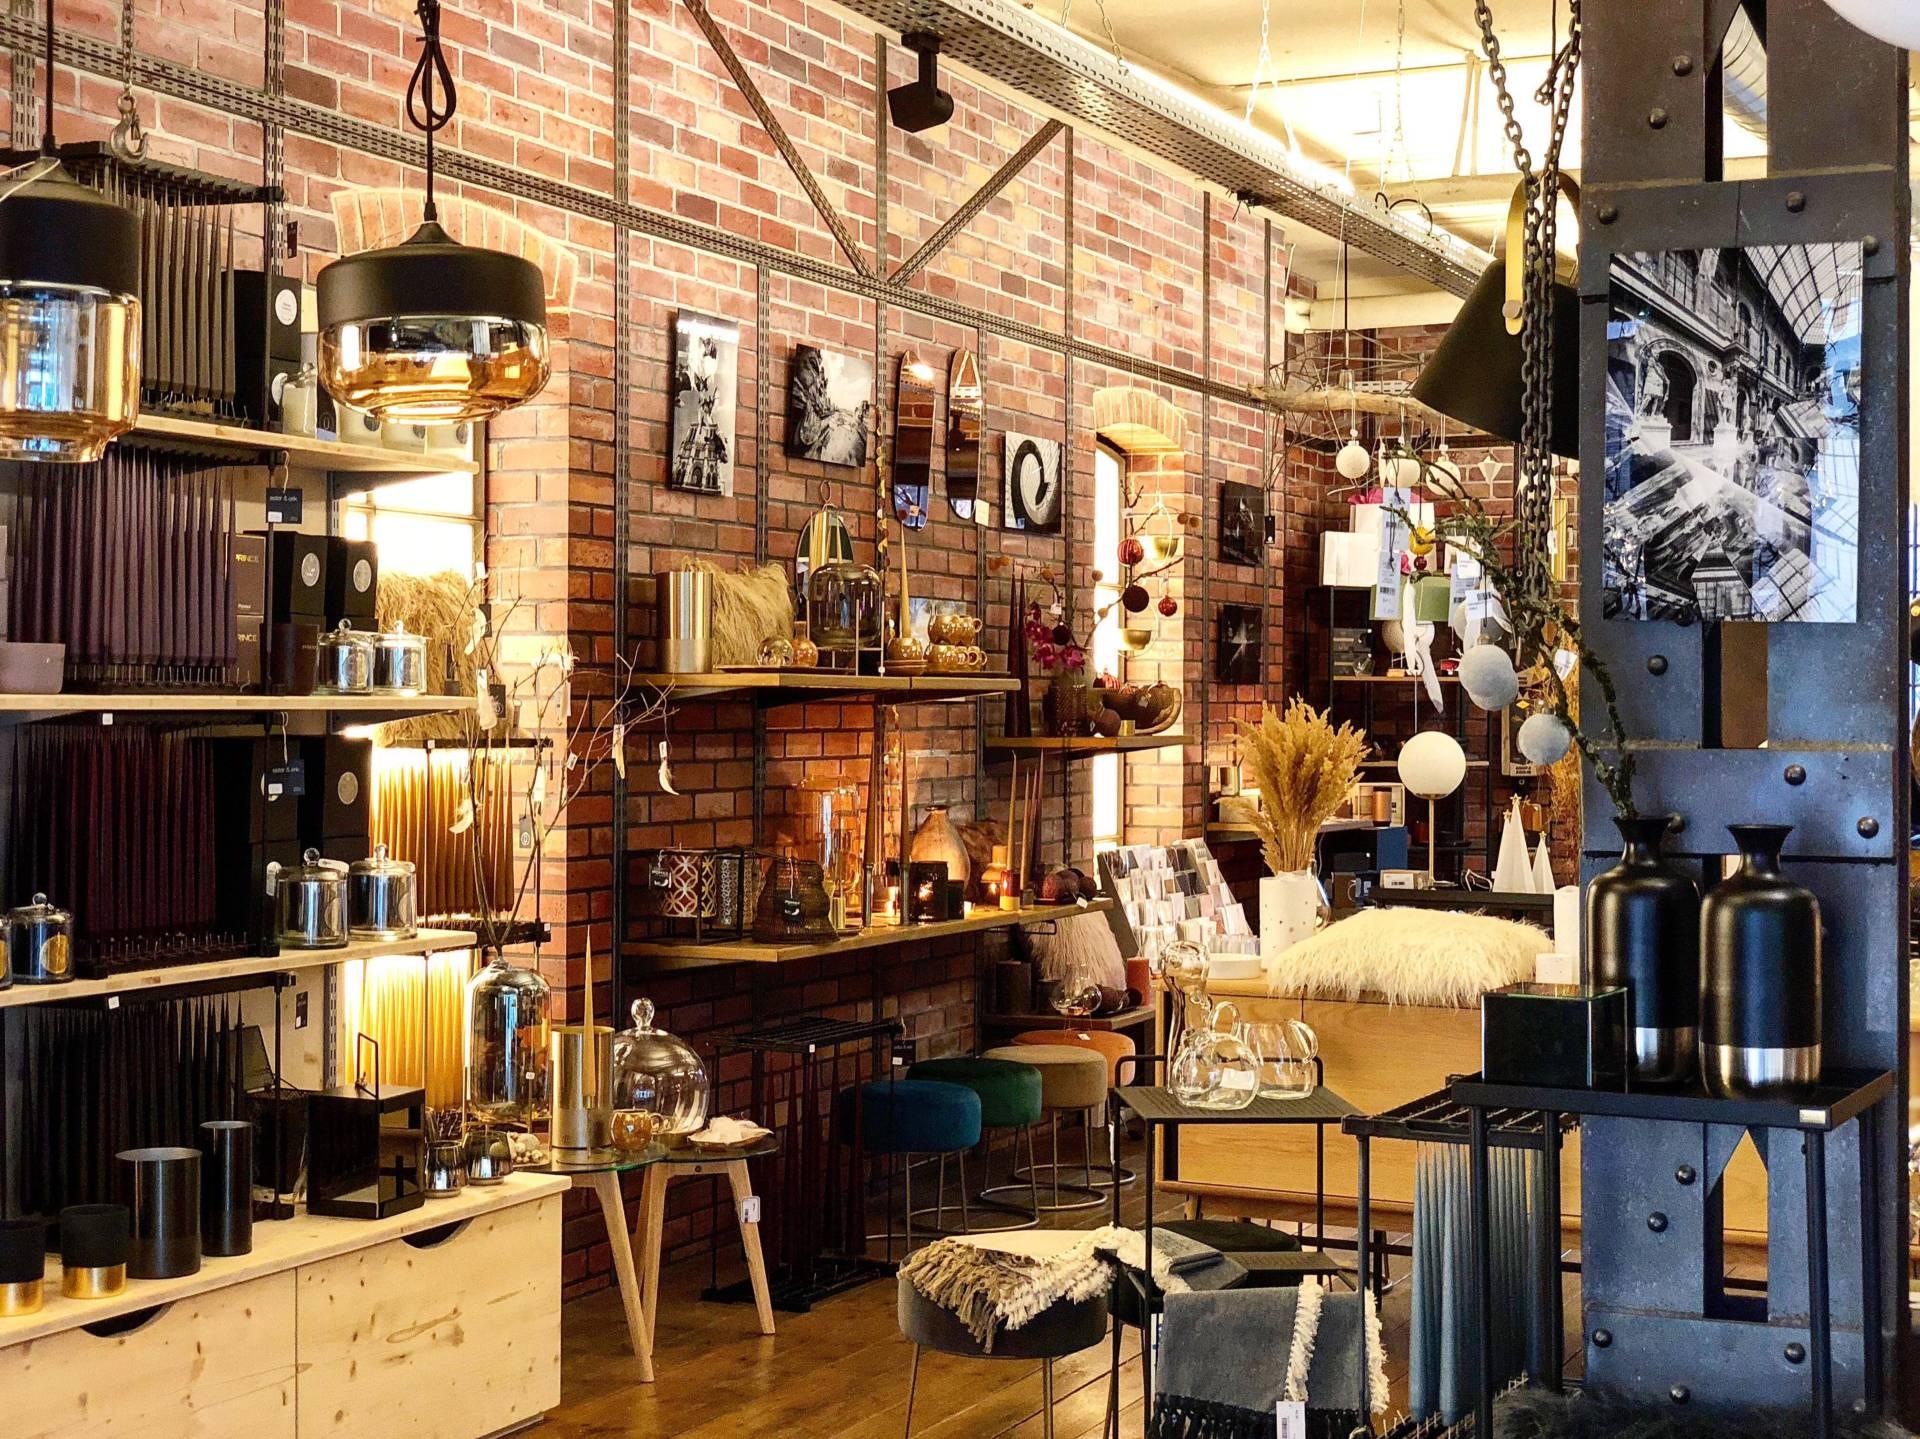 Inspiration Design, votre boutique de décoration à Colmar (68)-Inspiration Insdutriel et objets à découvrir